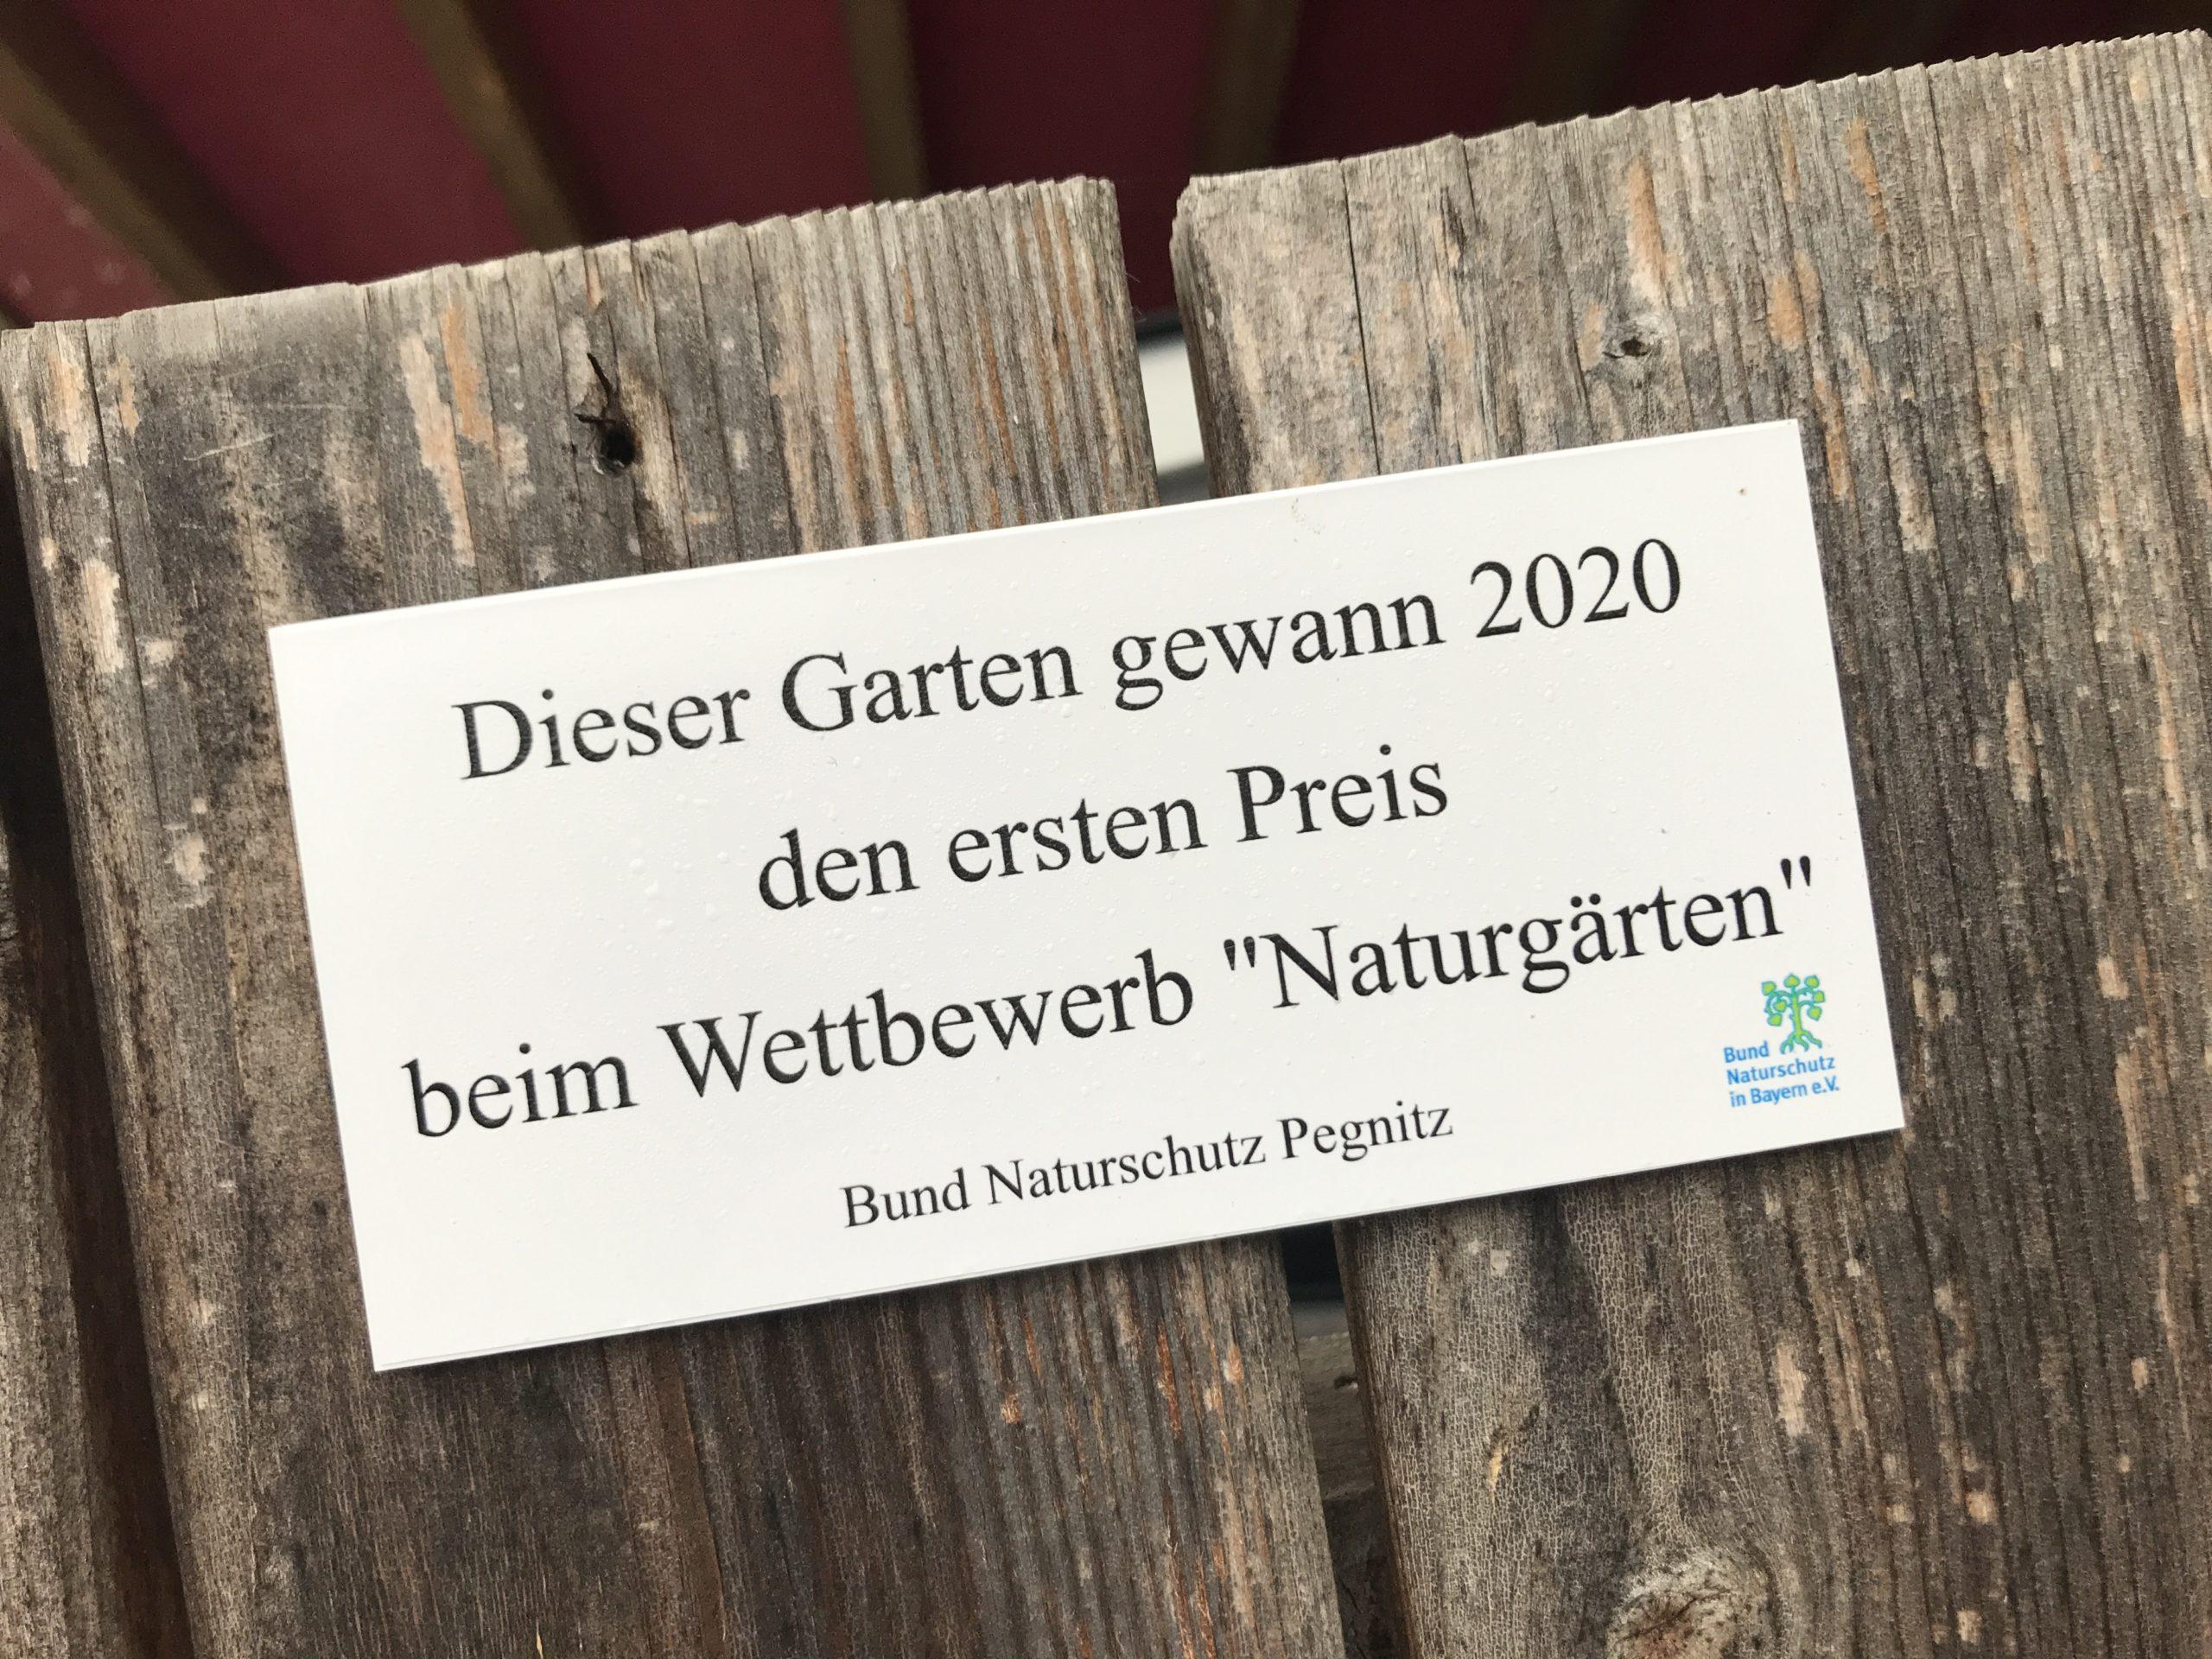 Auszeichnung vom Bund Naturschutz, Pegnitz